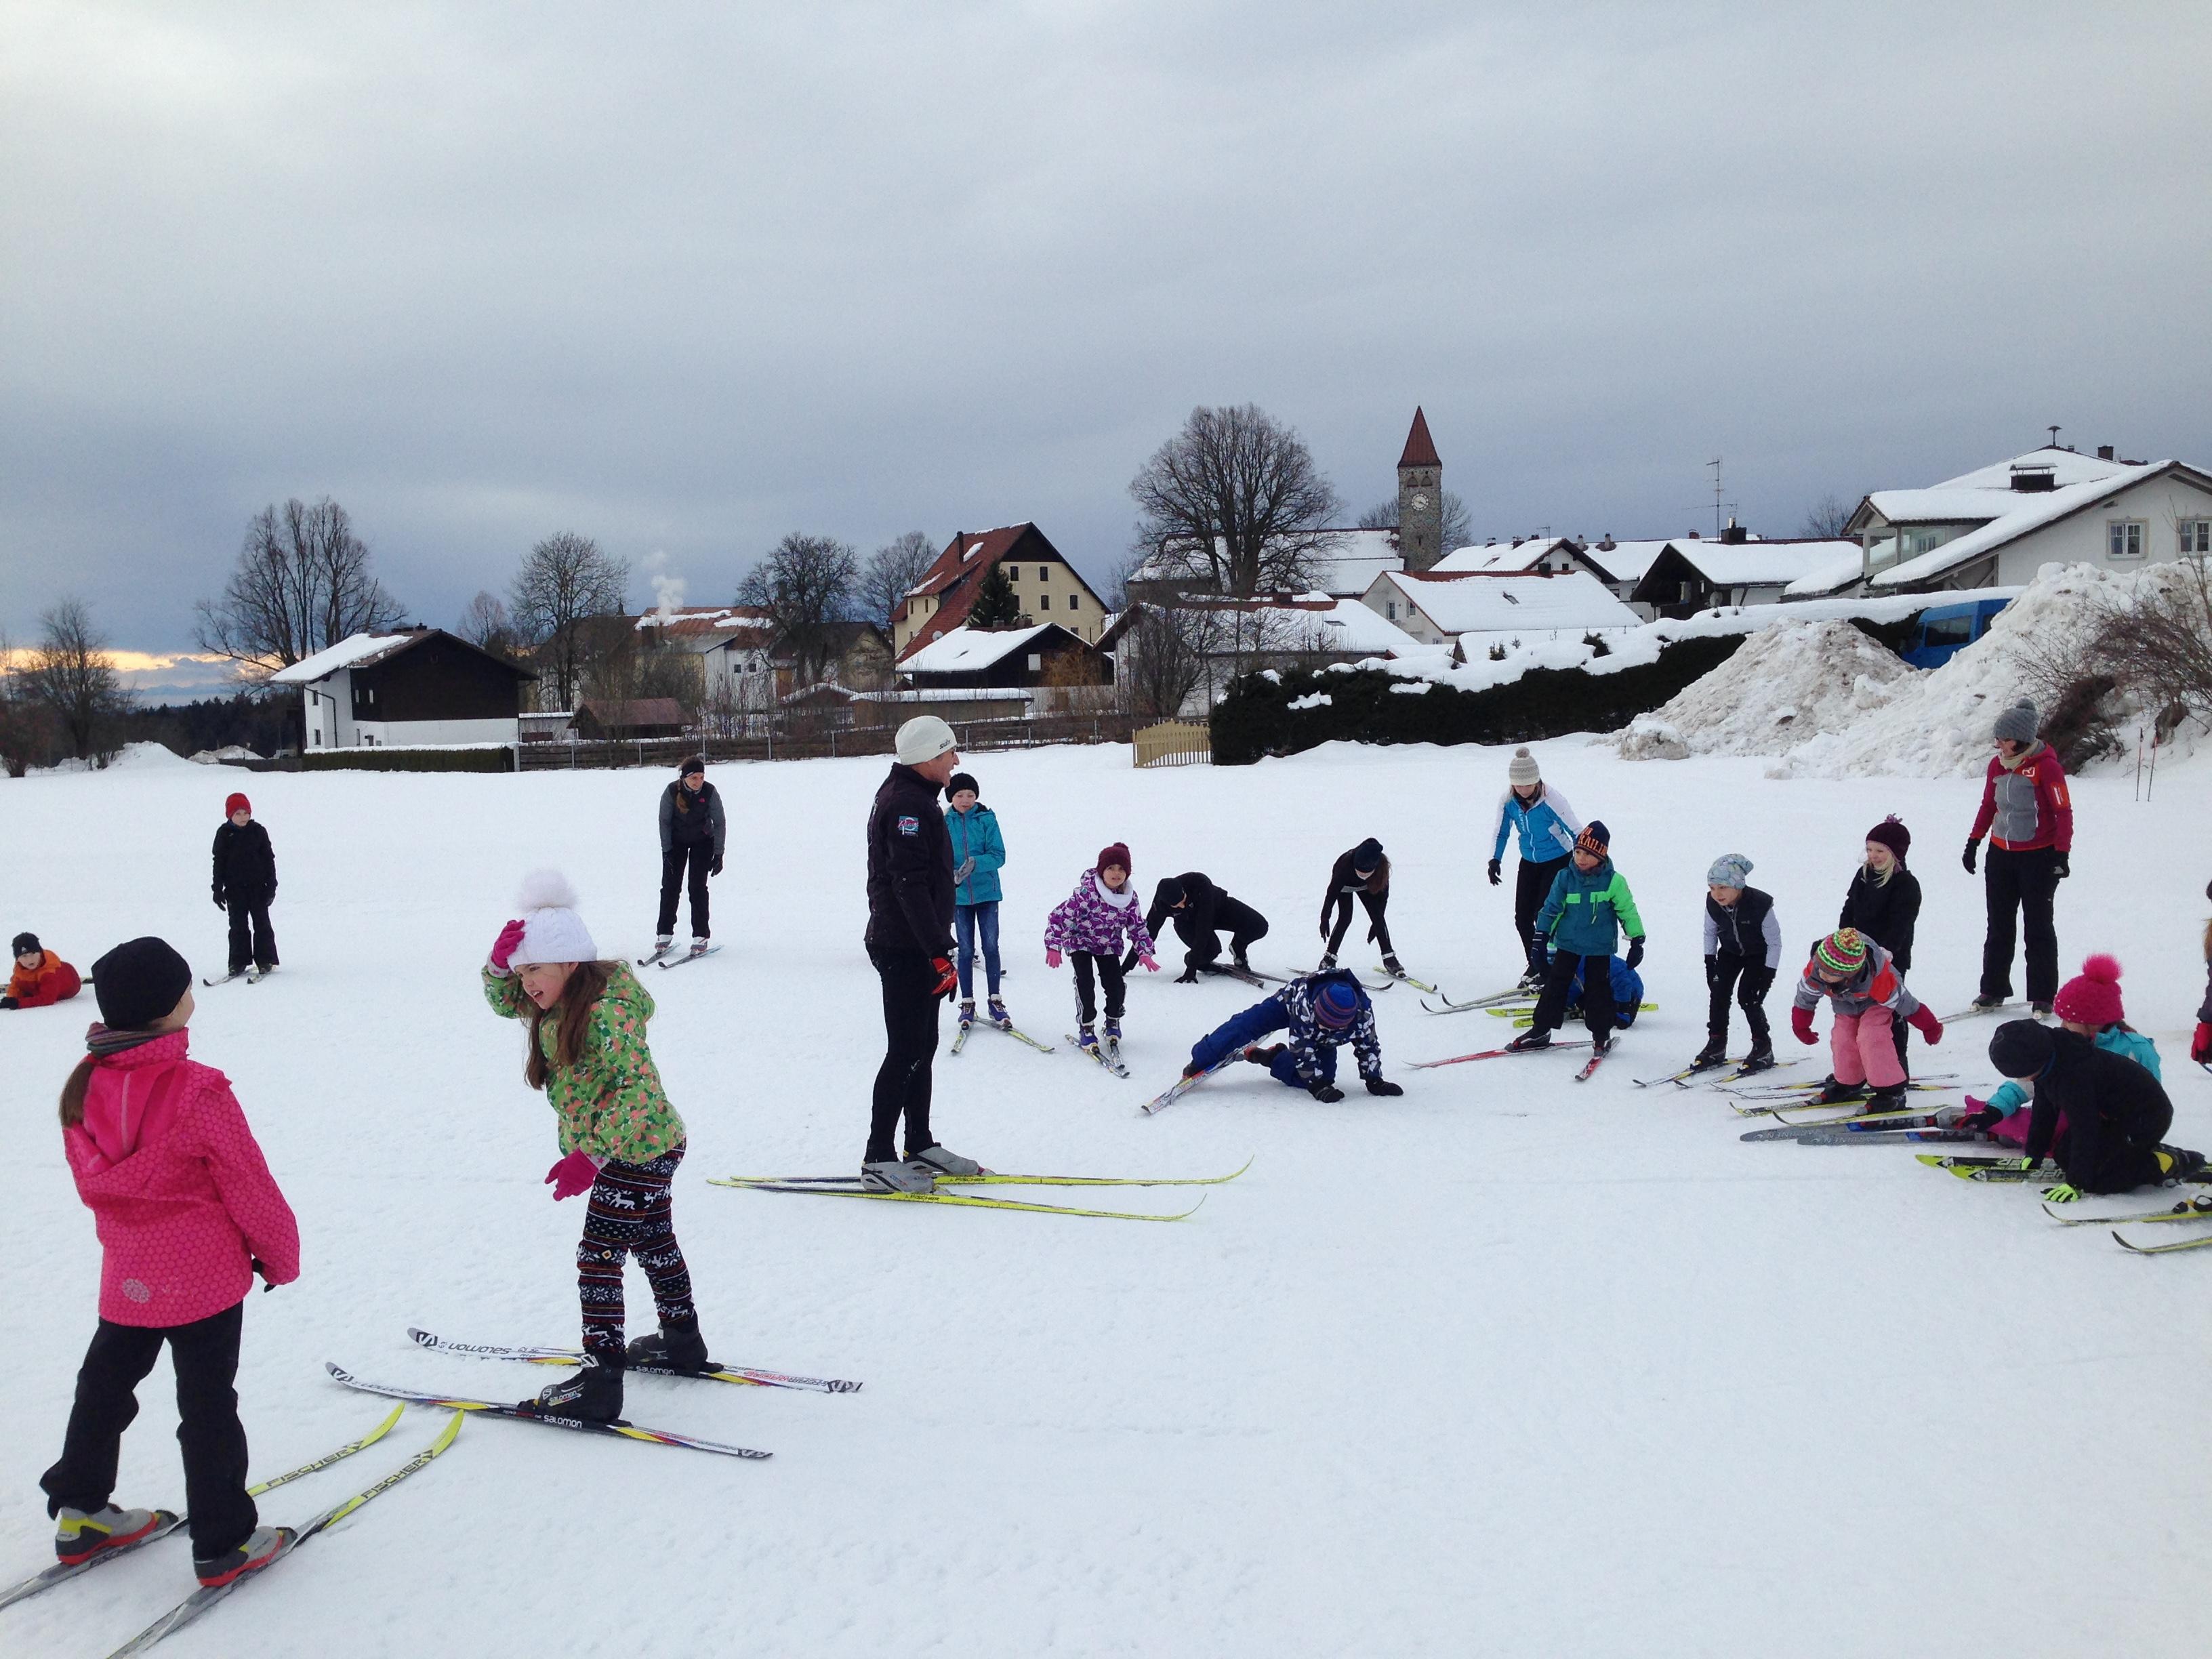 Auch heuer finden nach den Weihnachtsfeiertagen wieder Skilanglaufkurse für Kinder und Erwachsene statt